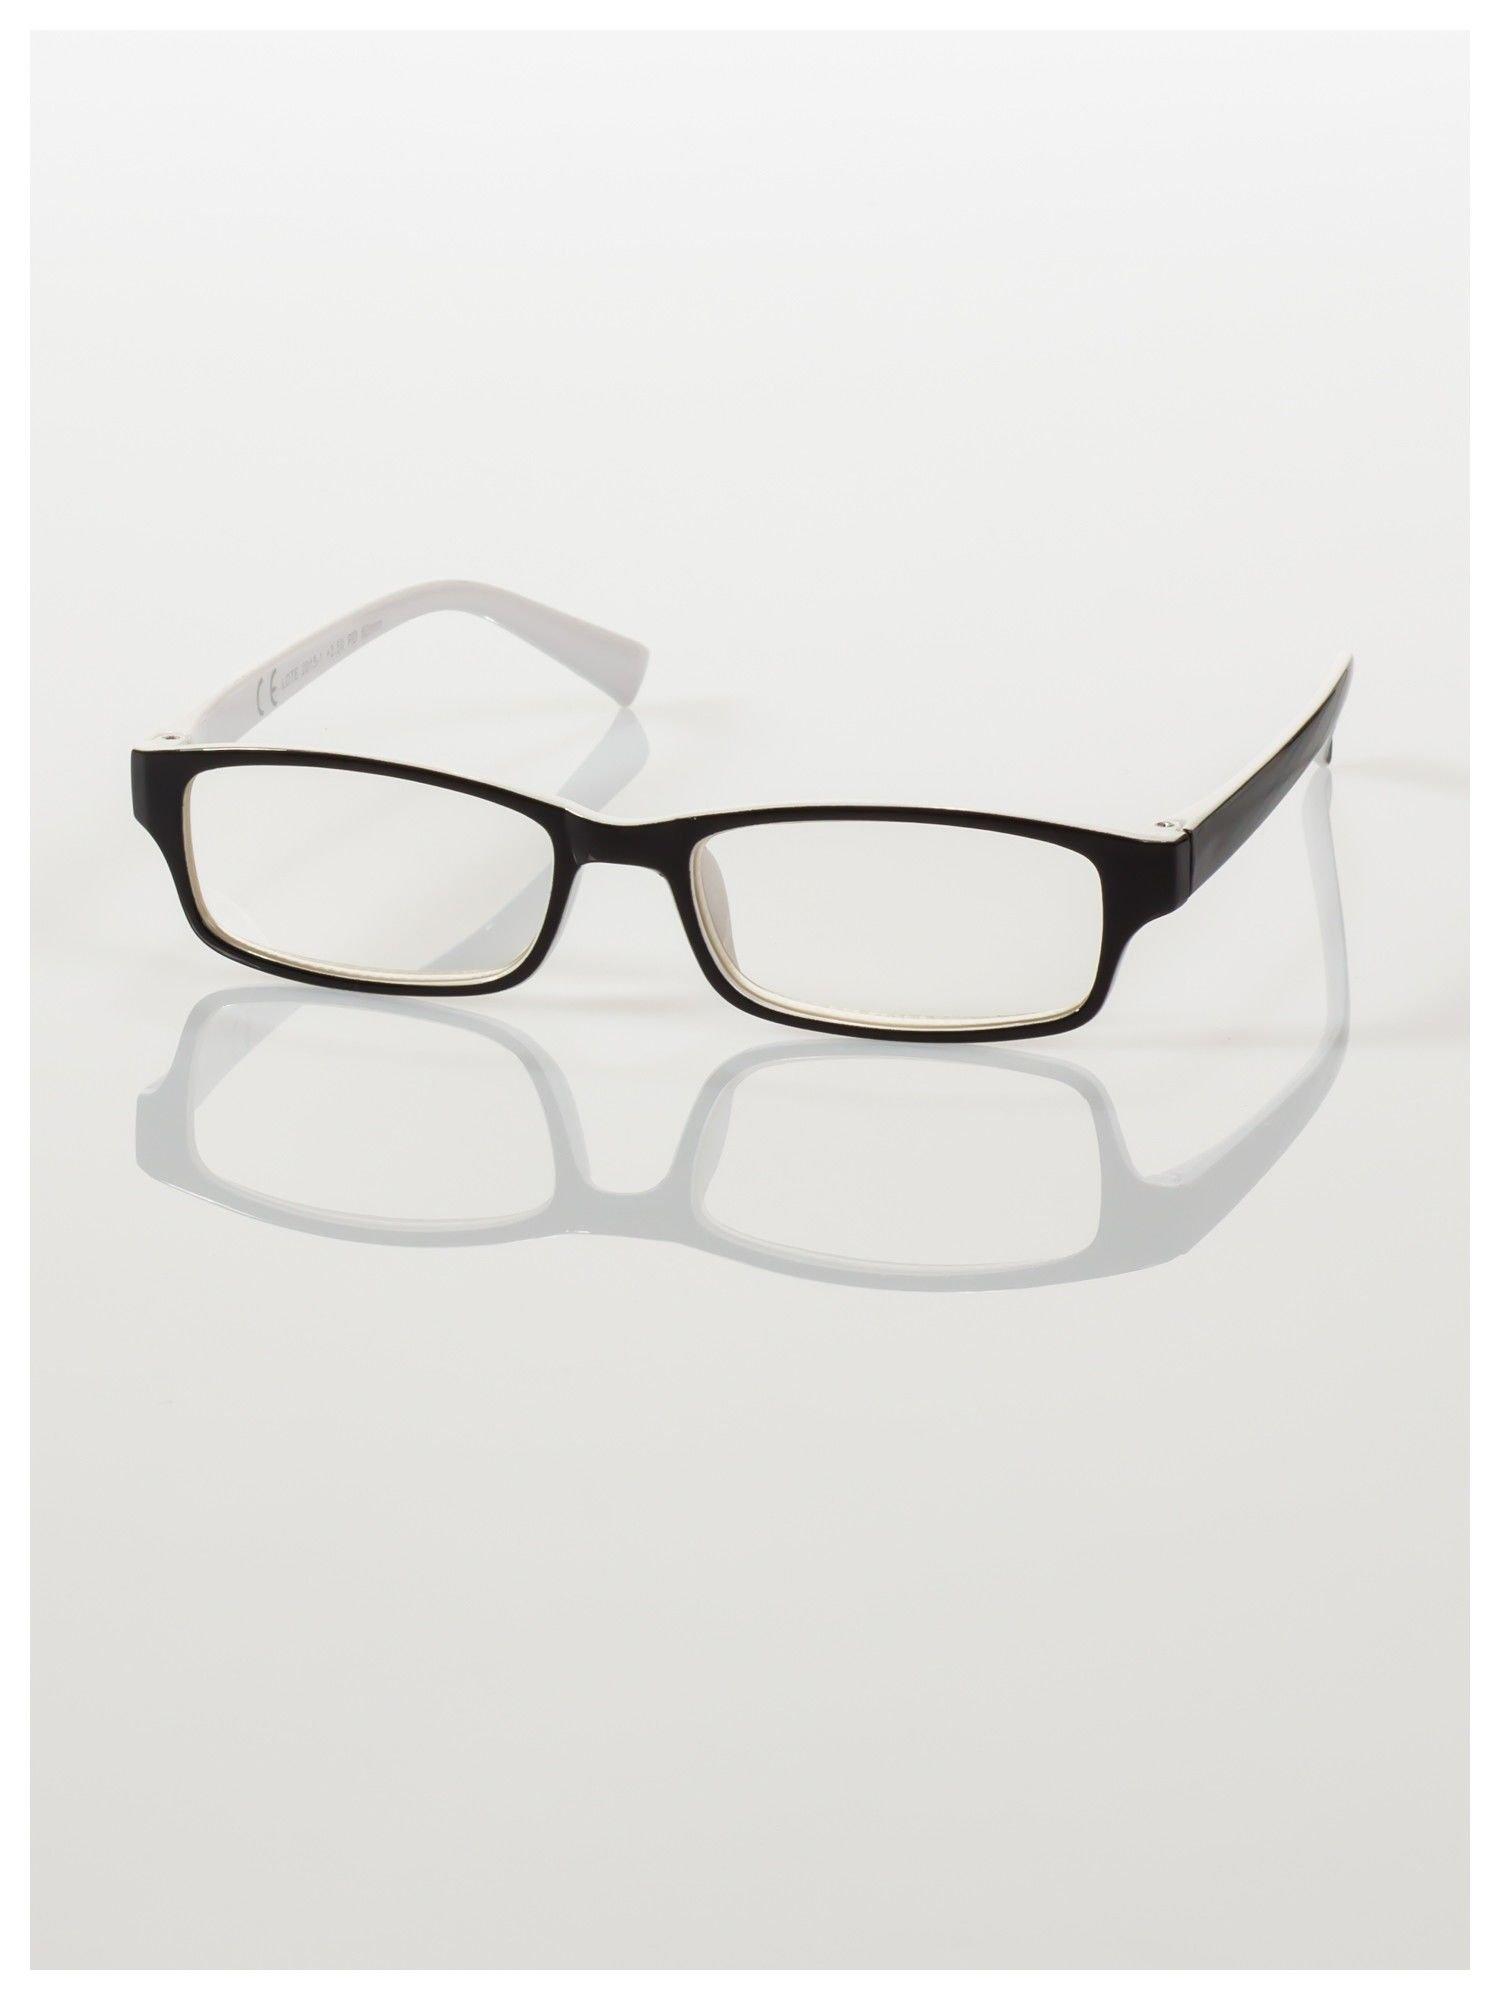 Okulary korekcyjne dwukolorowe do czytania +3.5 D                                    zdj.                                  2